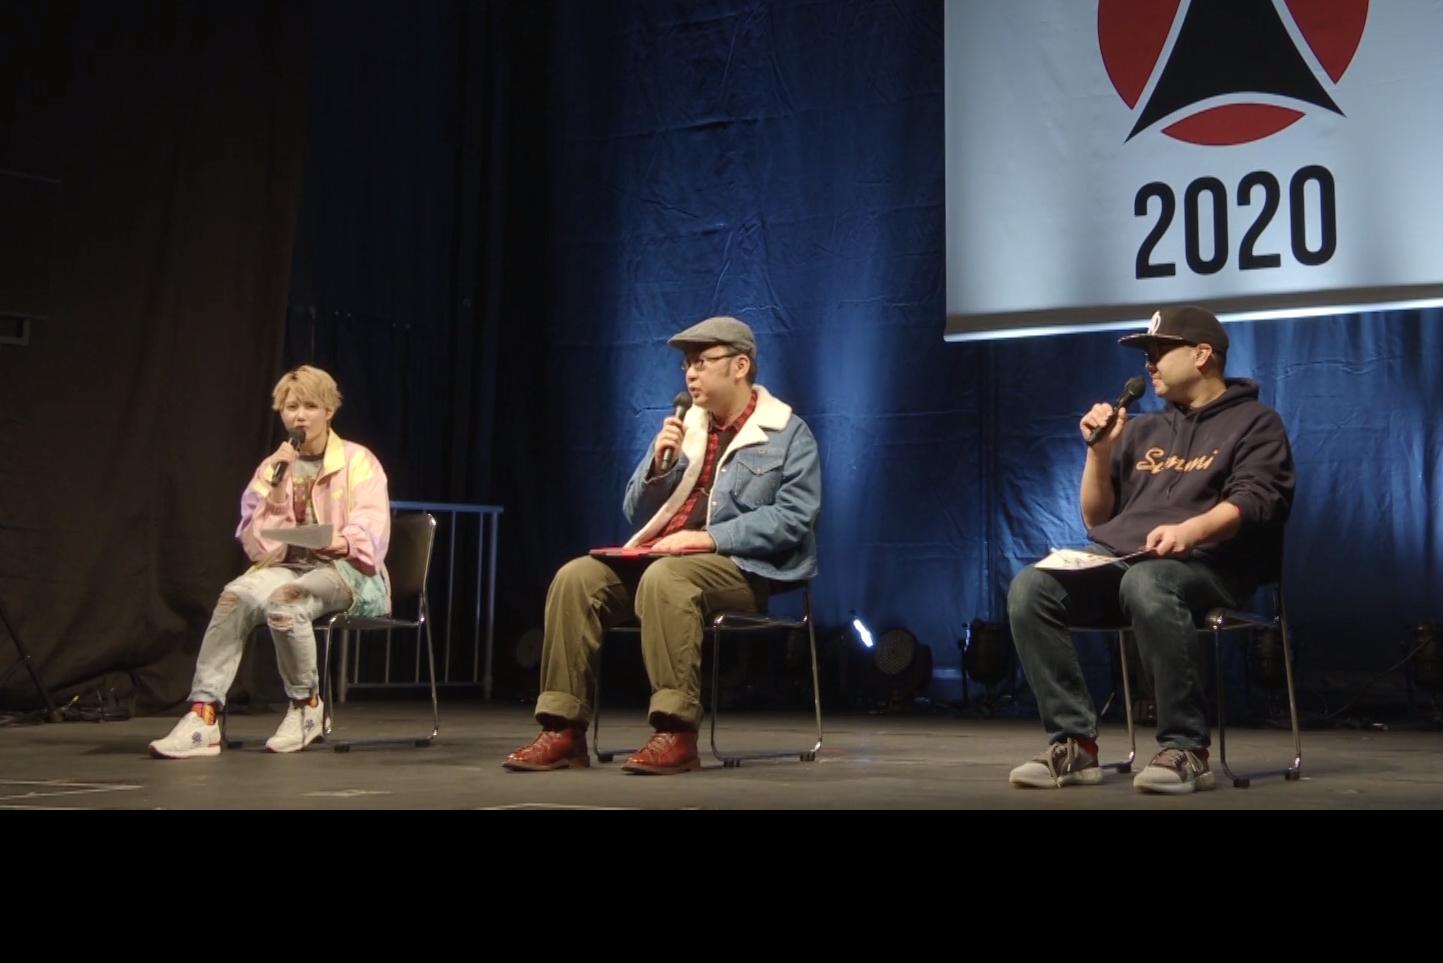 「東京コミコン2020」アメコミ翻訳者ステージレポ! - 翻訳家の苦労や目指したきっかけとは?